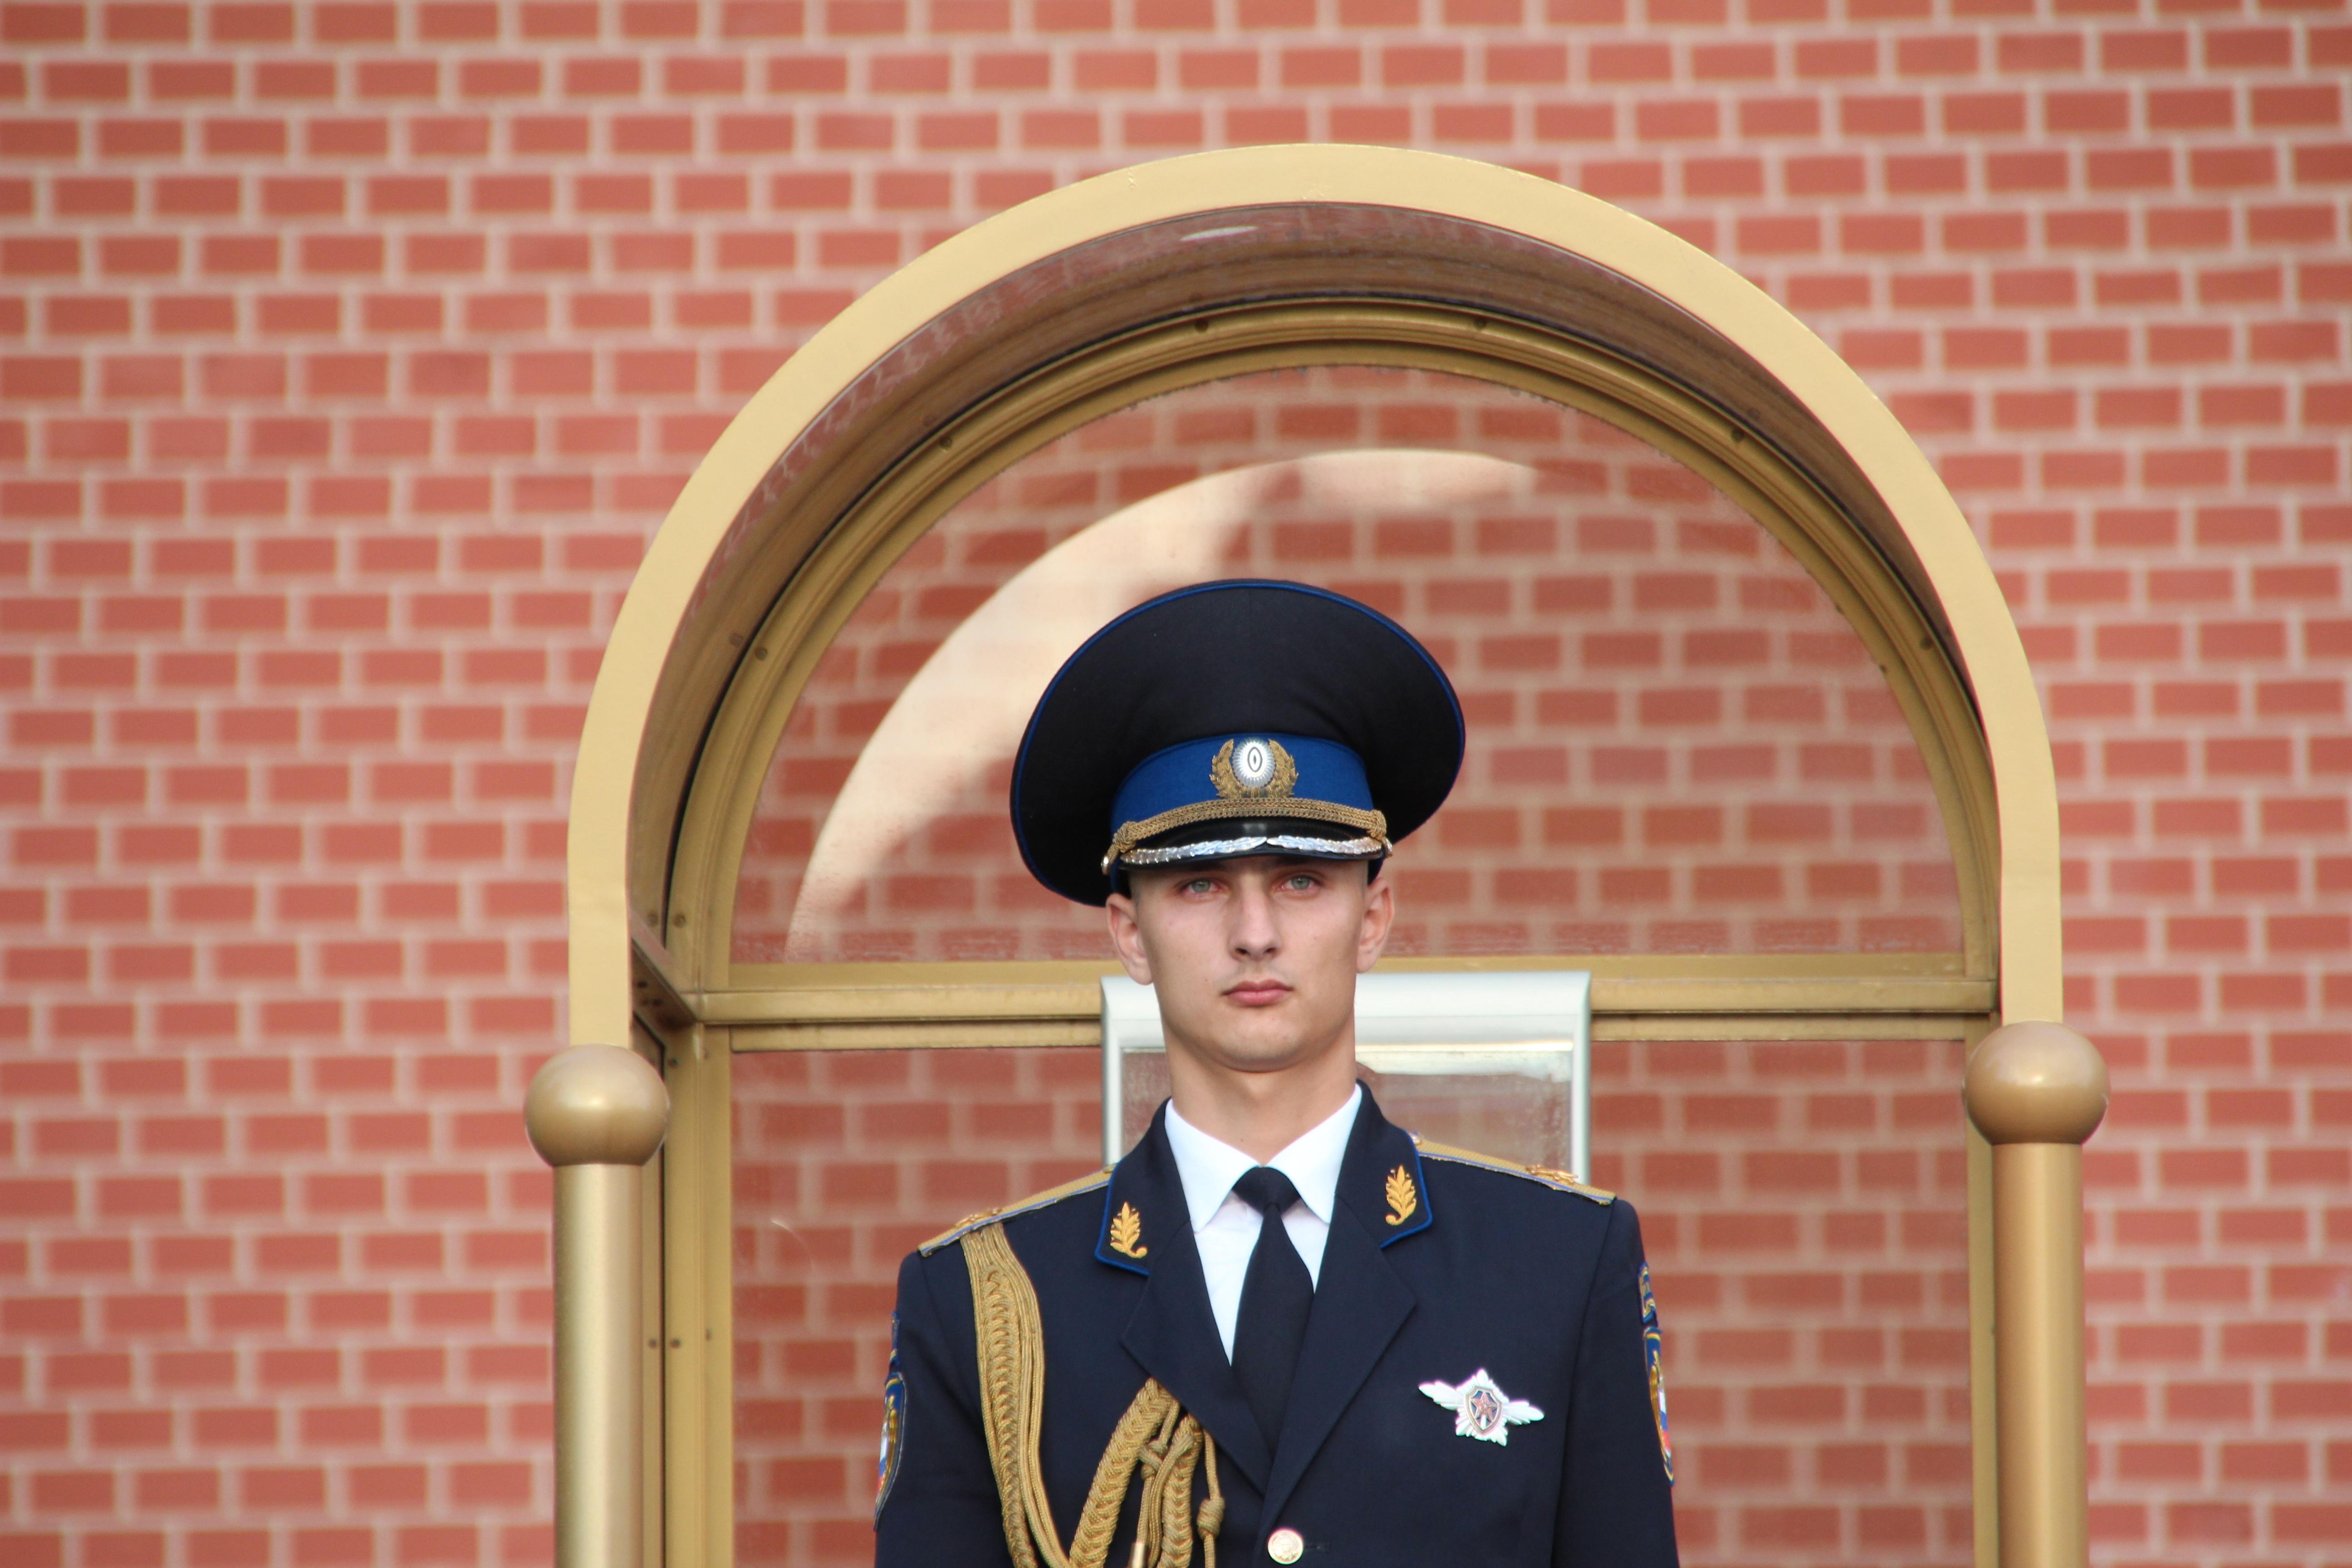 hình ảnh : người, quân đội, lính, chuyên nghiệp, Moscow, bảo vệ, Kremlin, Nhân viên bảo vệ, Sĩ quan quân đội, Người quân đội 5184x3456